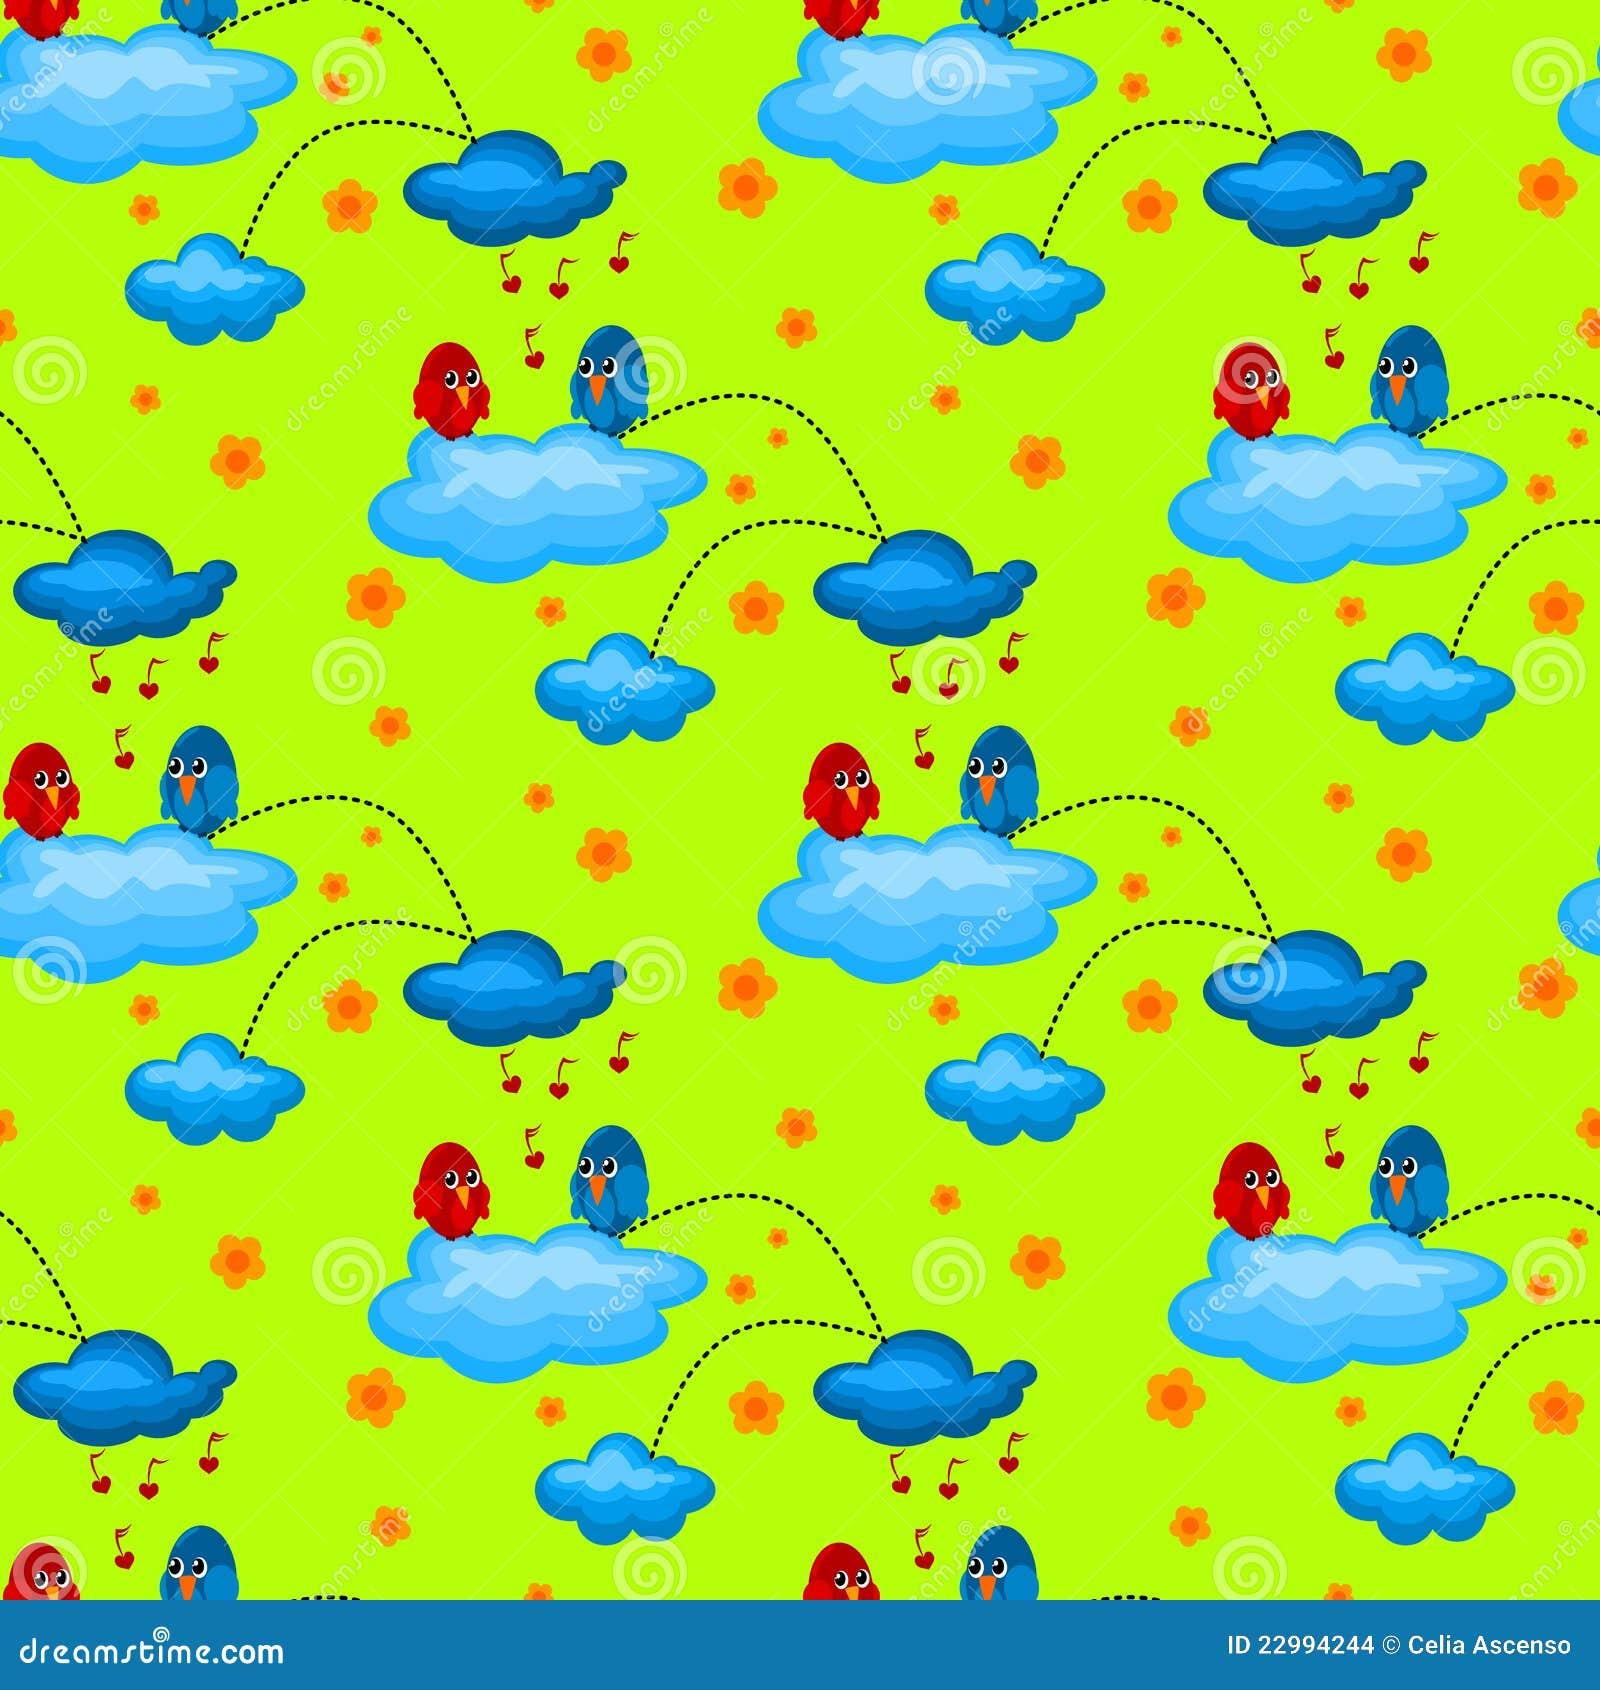 Love Bird in a Cloudy Garden Seamless Pattern